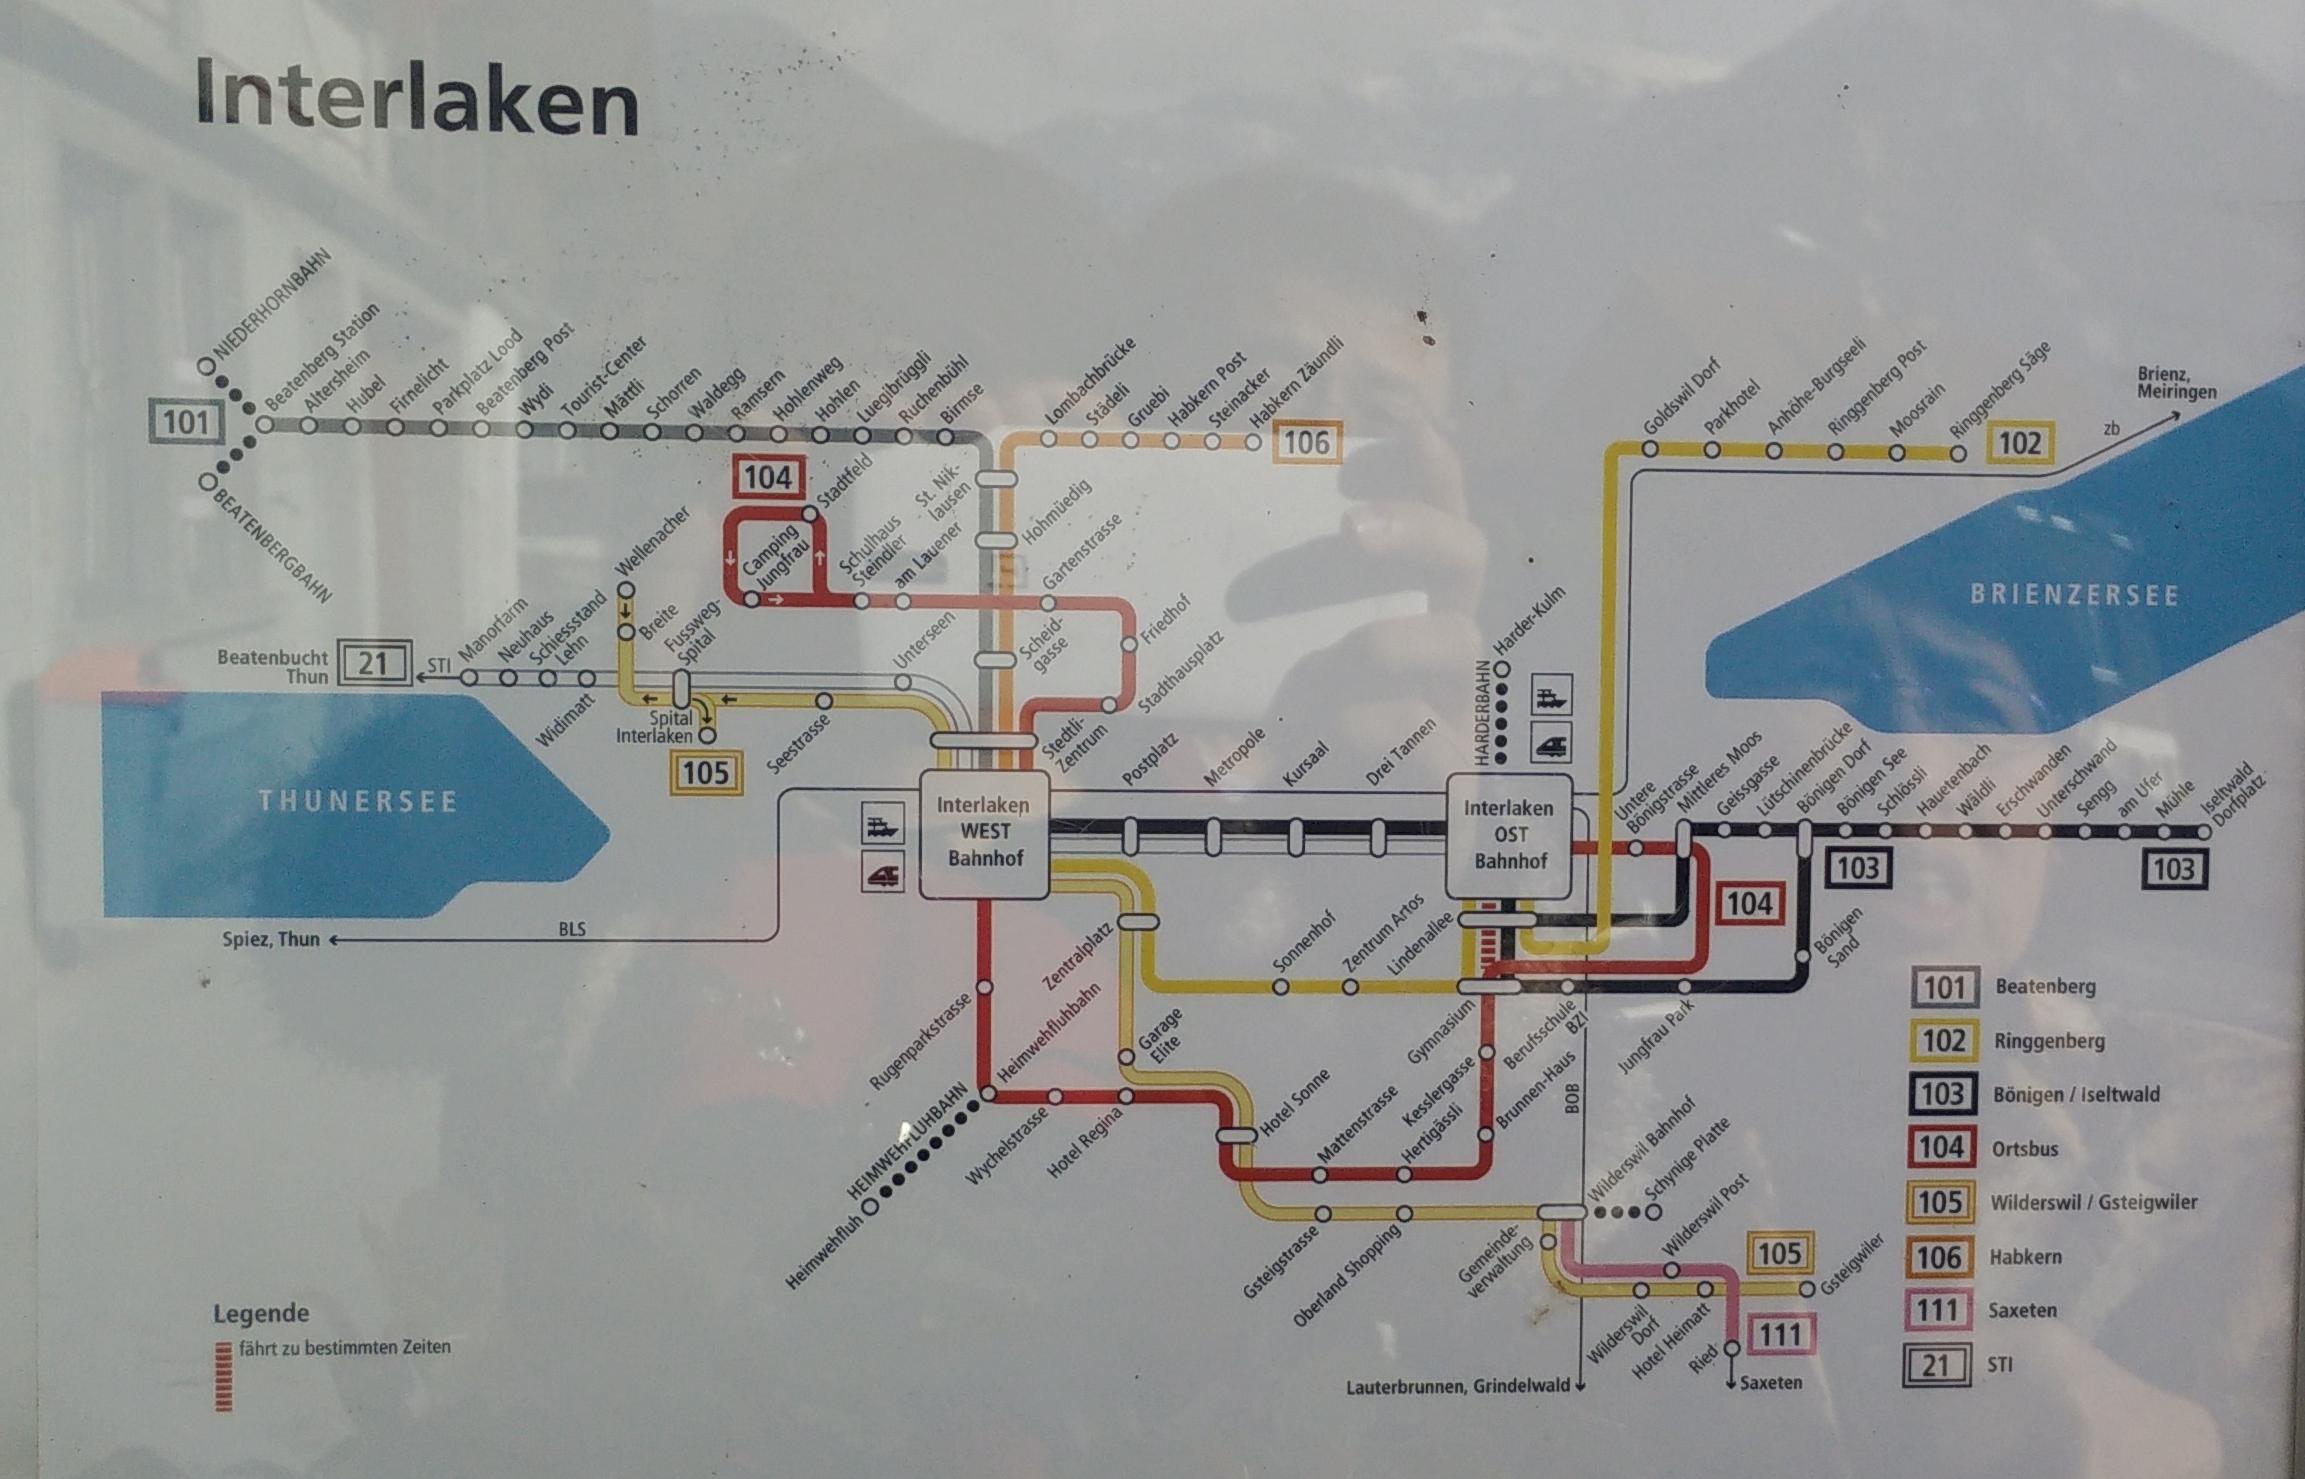 因特拉肯巴士线路图